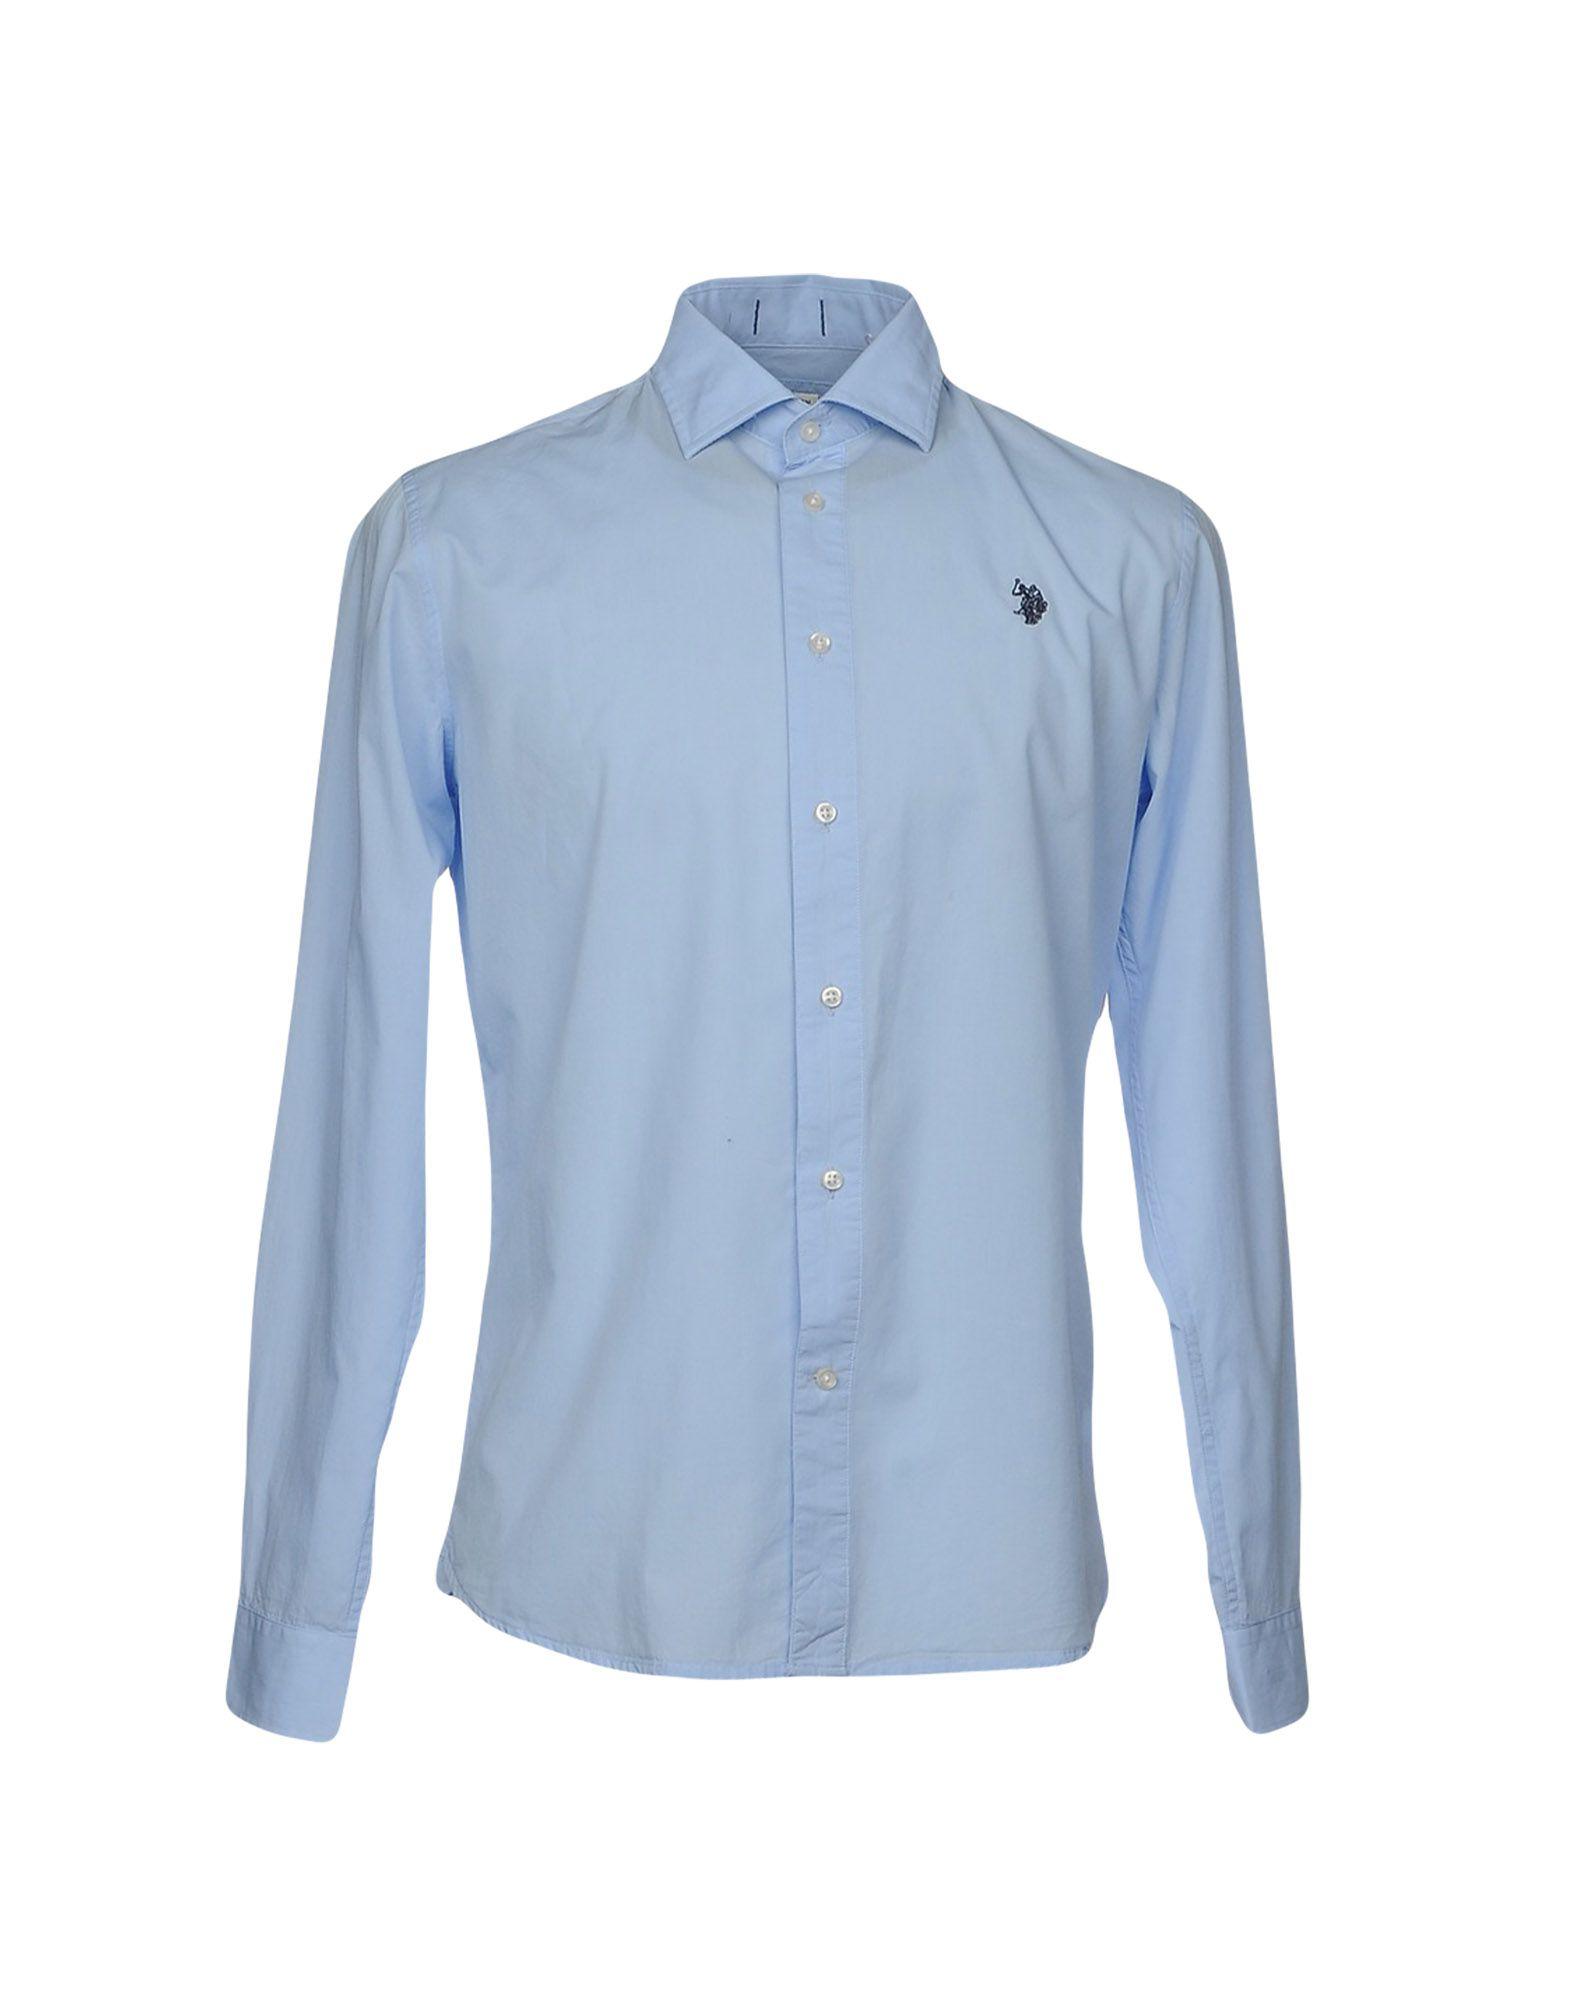 《送料無料》U.S.POLO ASSN. メンズ シャツ アジュールブルー S コットン 100%